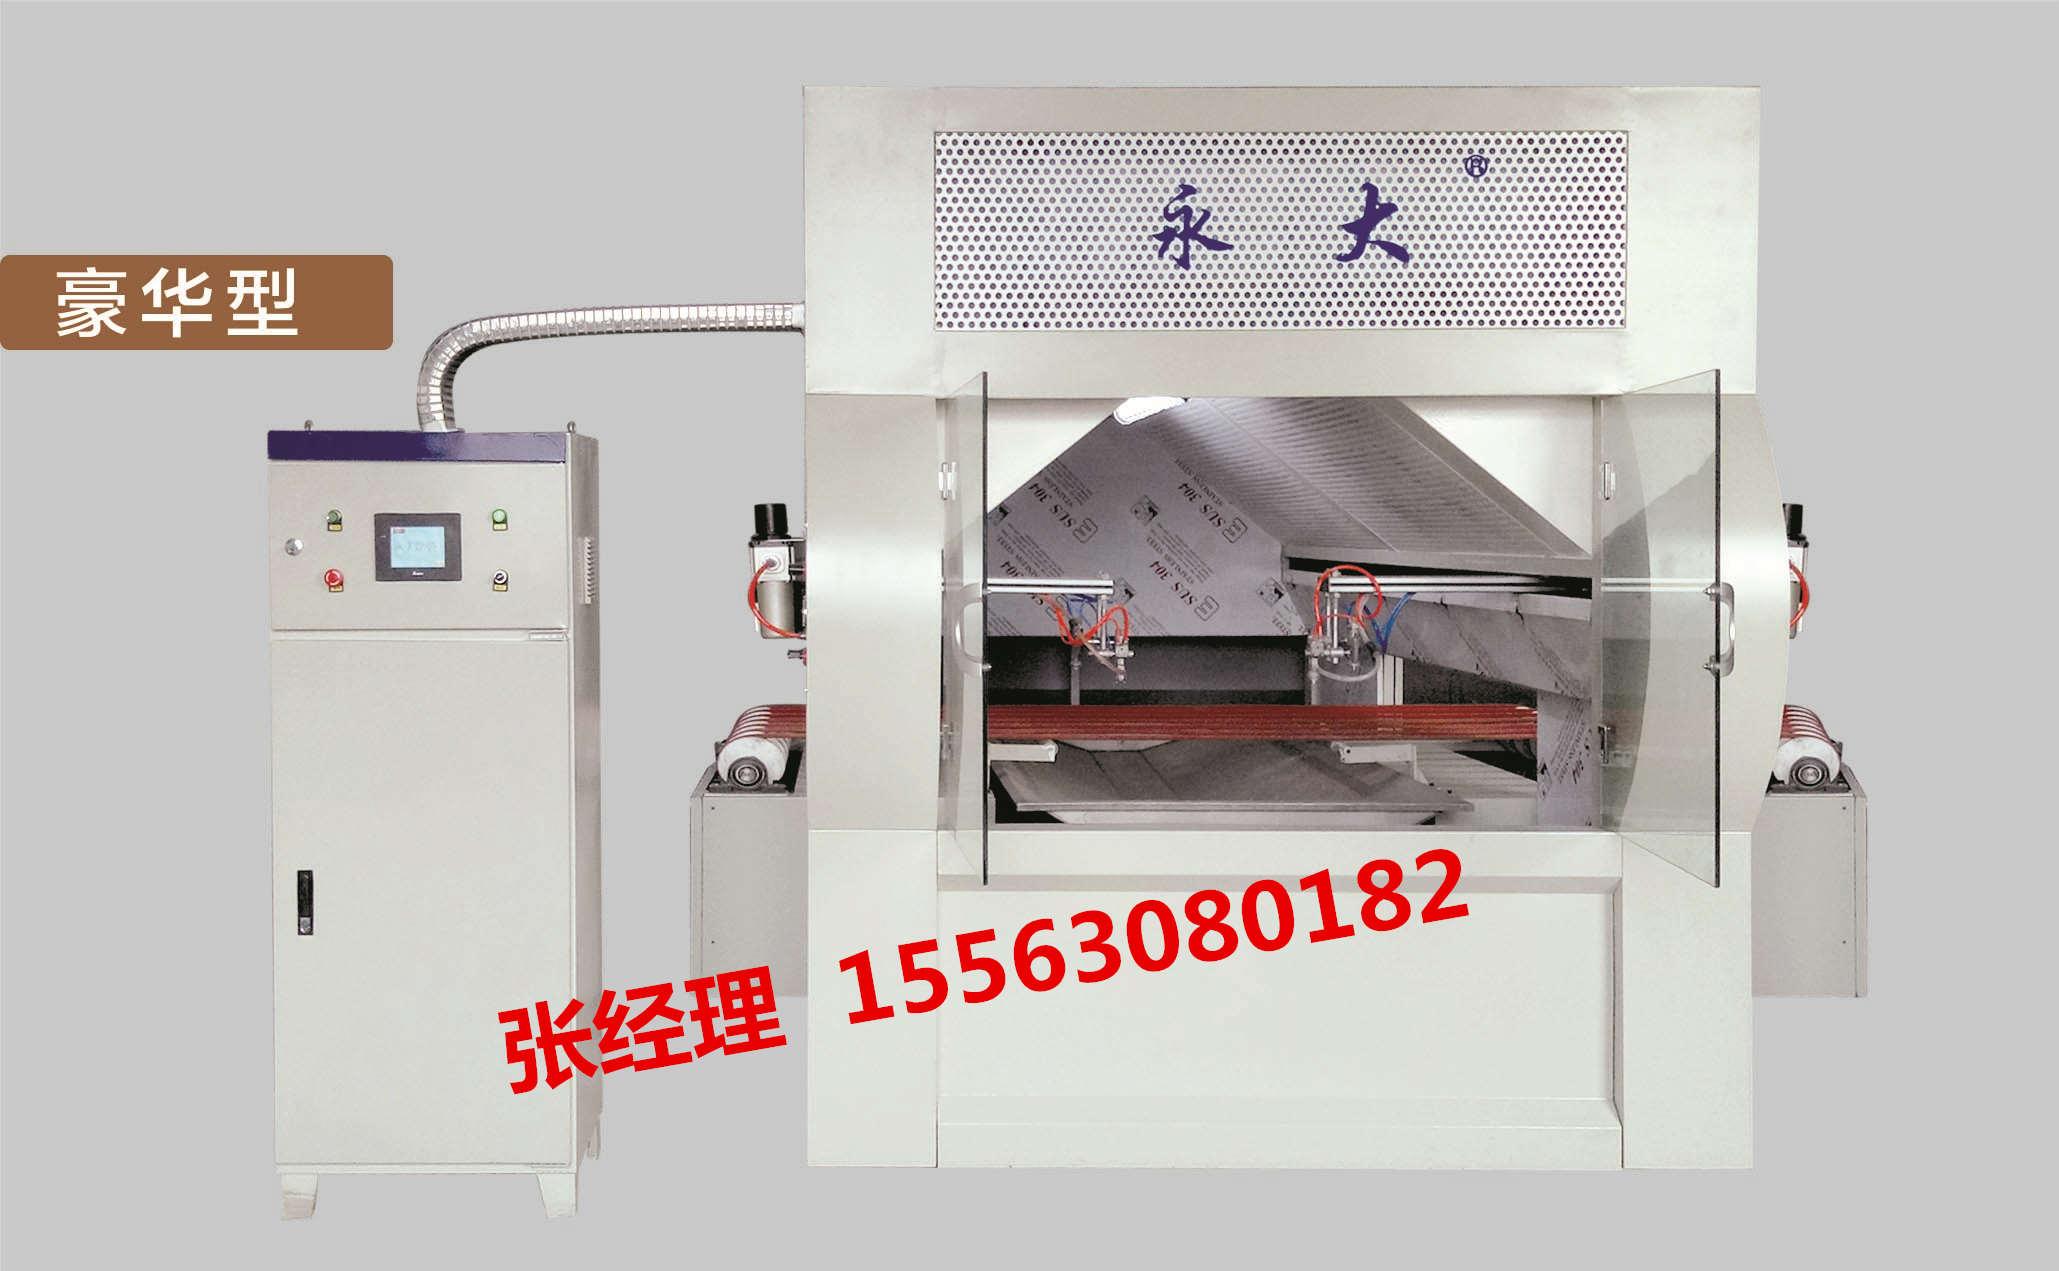 【氟碳漆/多彩漆/水包水三合一自动喷漆机、免费安装提供技术】